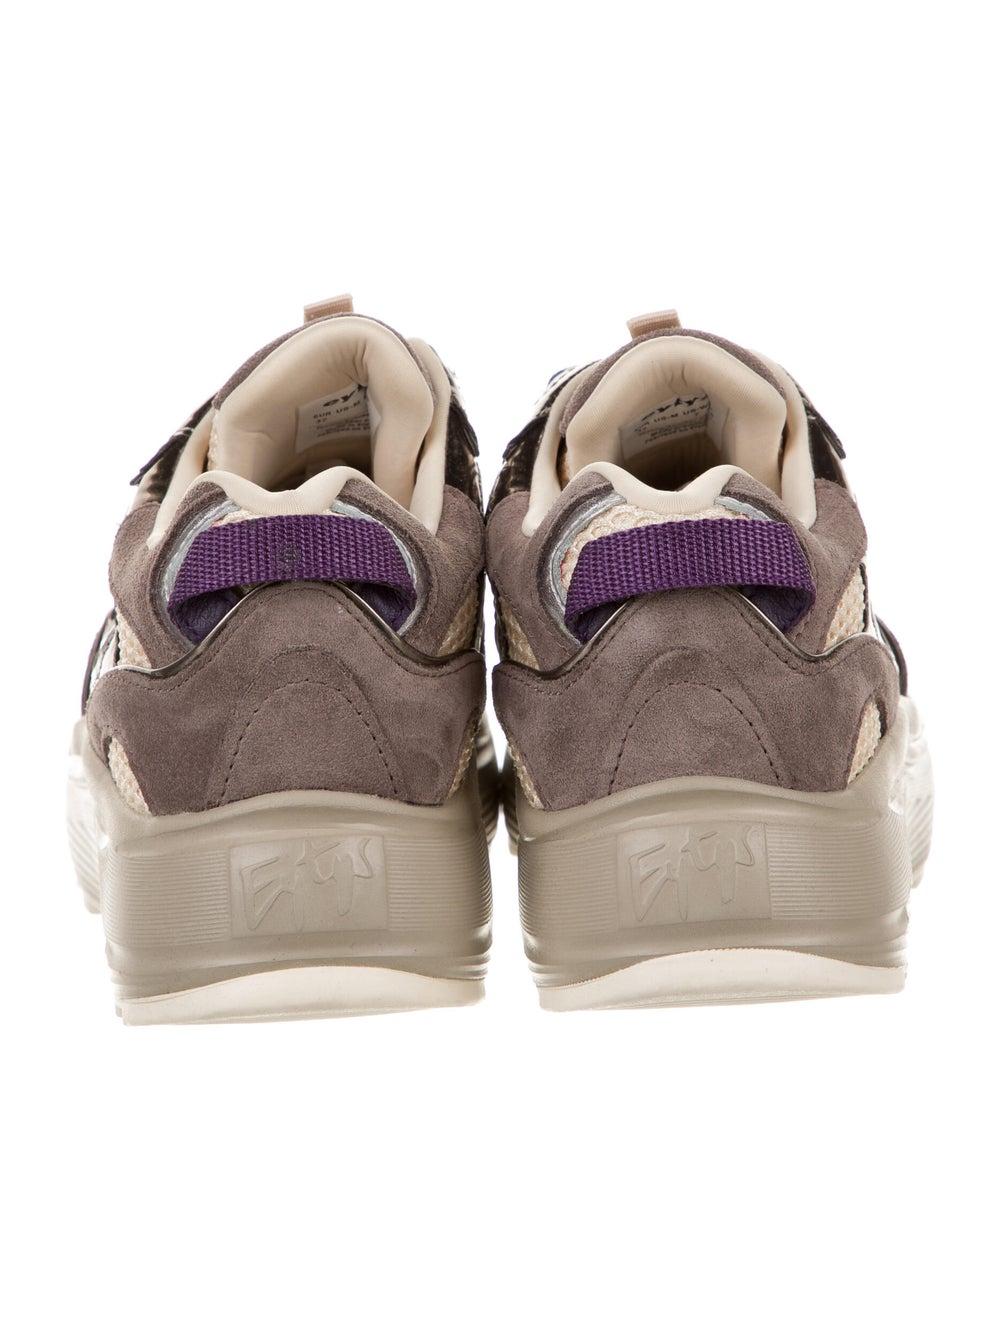 Eytys Jet Turbo Sneakers Brown - image 4